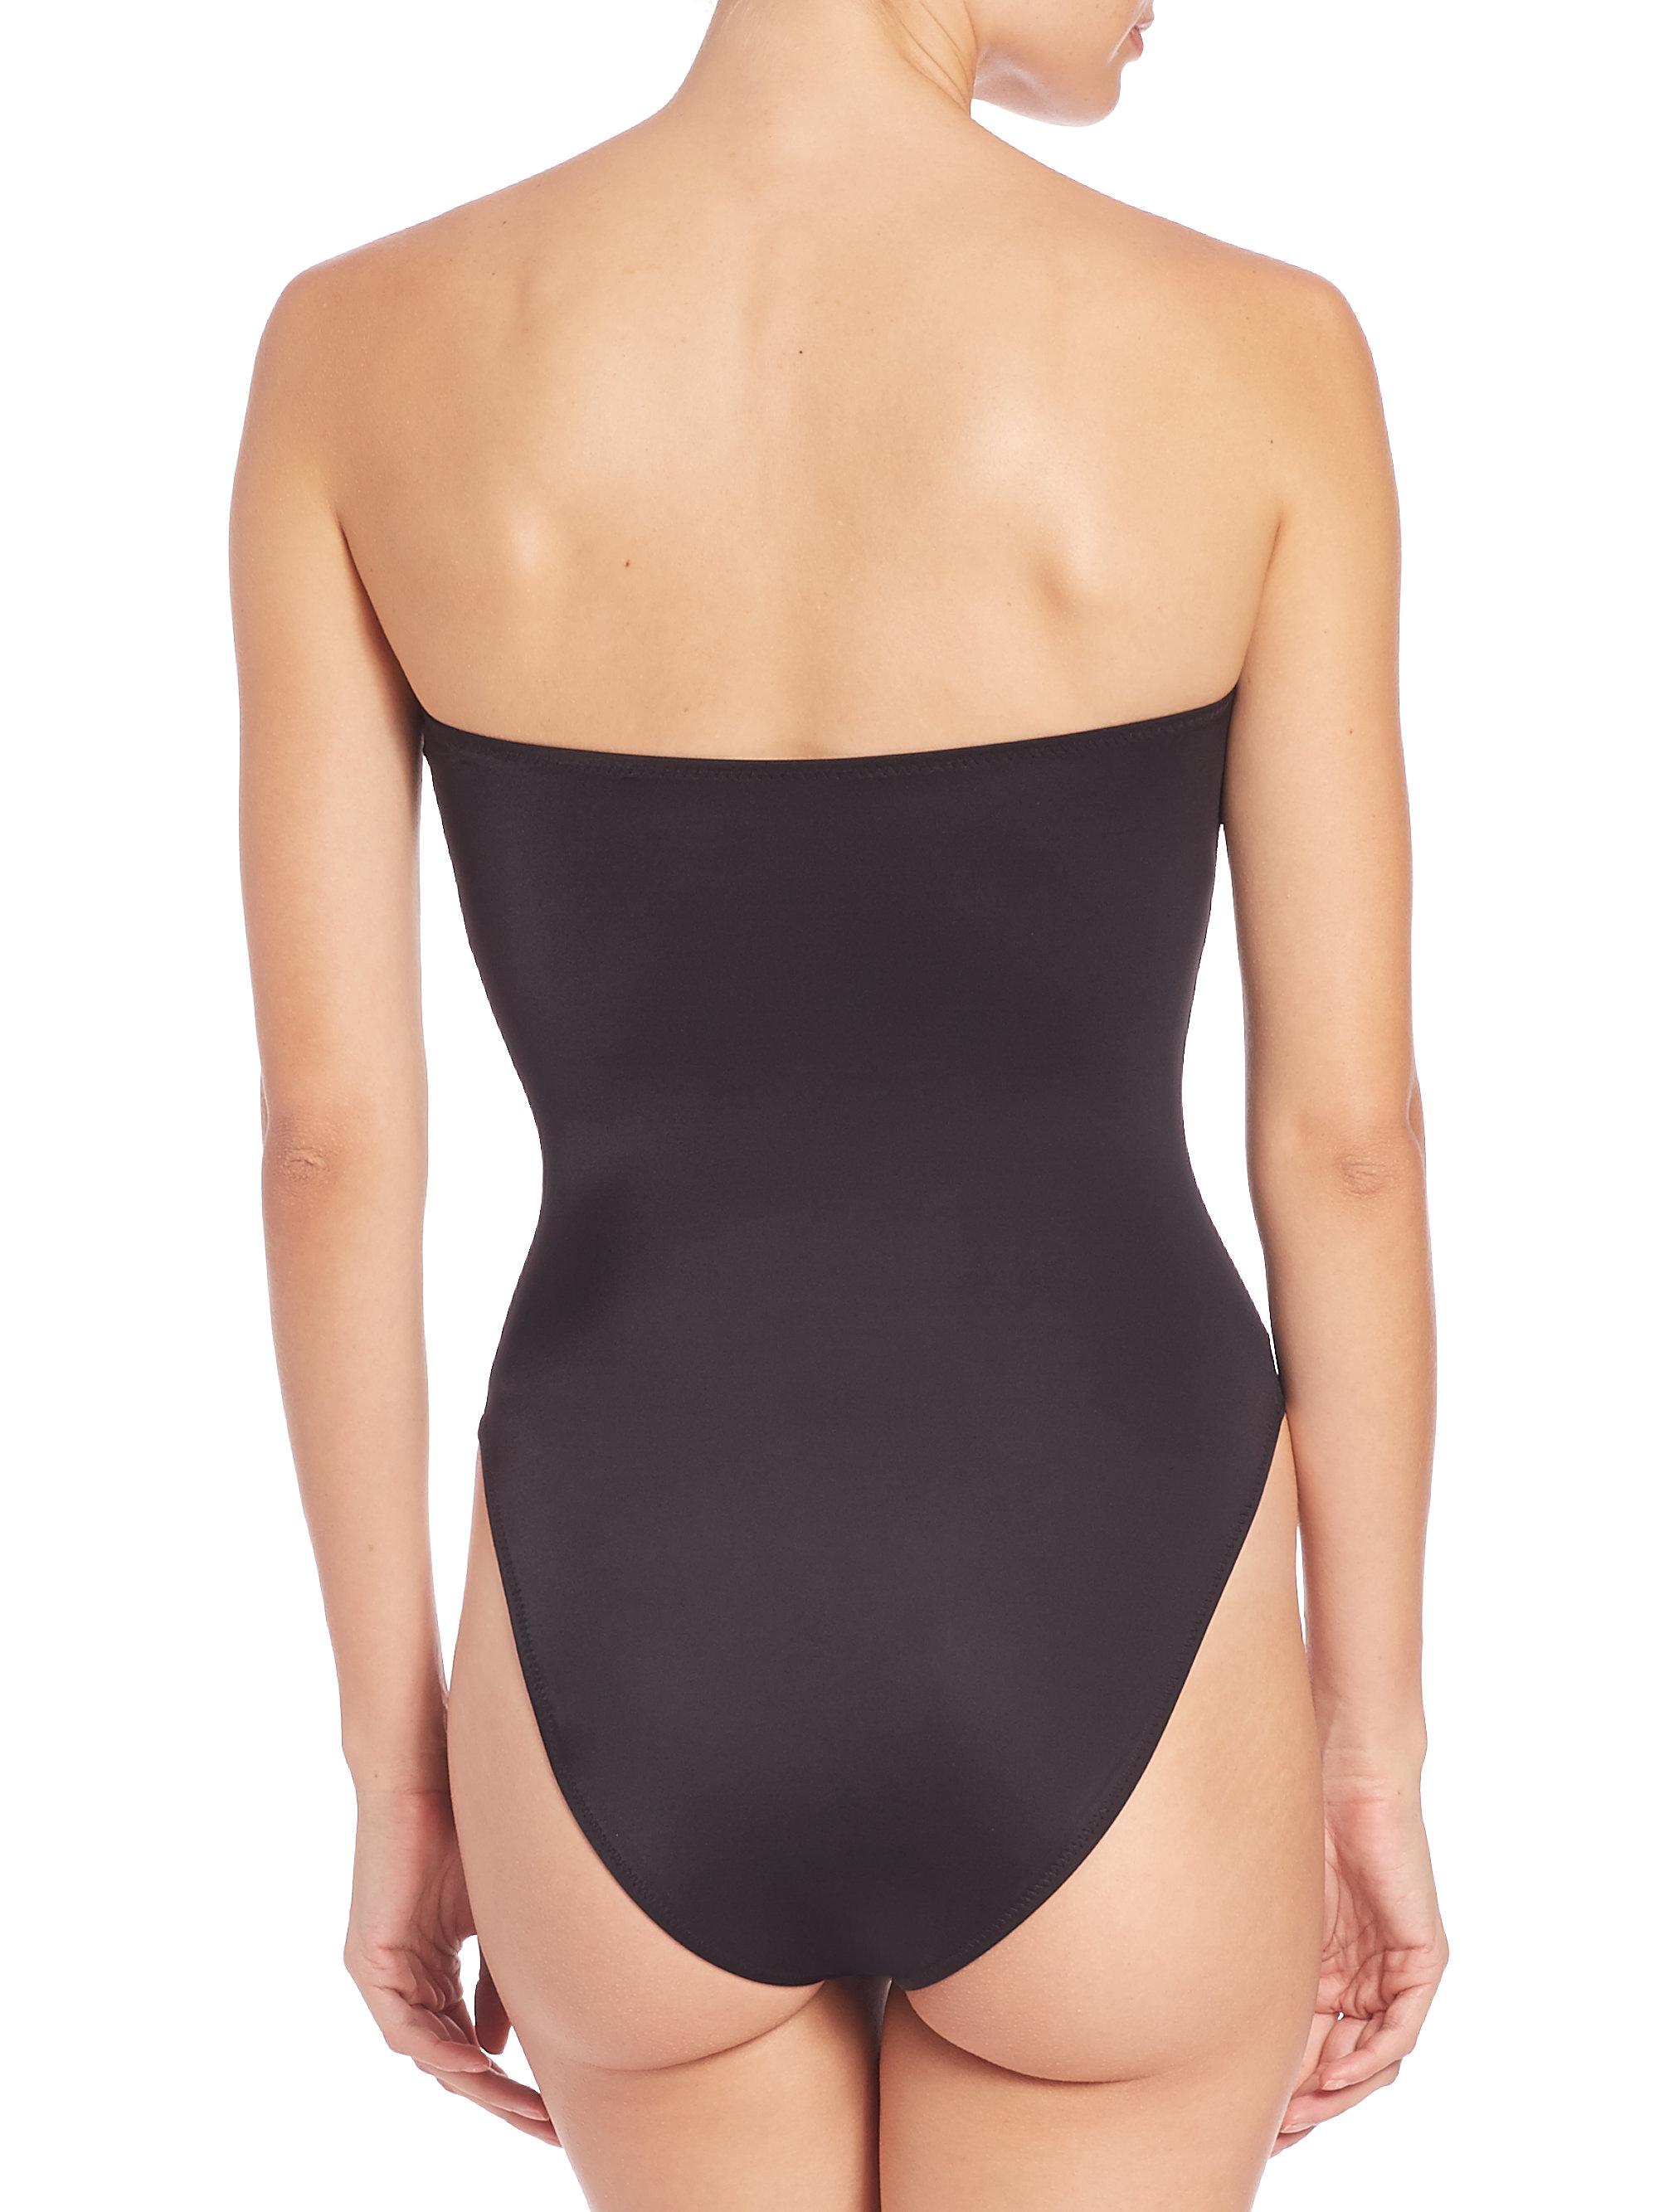 Acheter Des Rabais À Bas Prix Livraison Gratuite Moins Cher Norma Kamali Bikini bandeau Bishop En Ligne Pas Cher En Ligne Achat De Réduction CJ8lWp